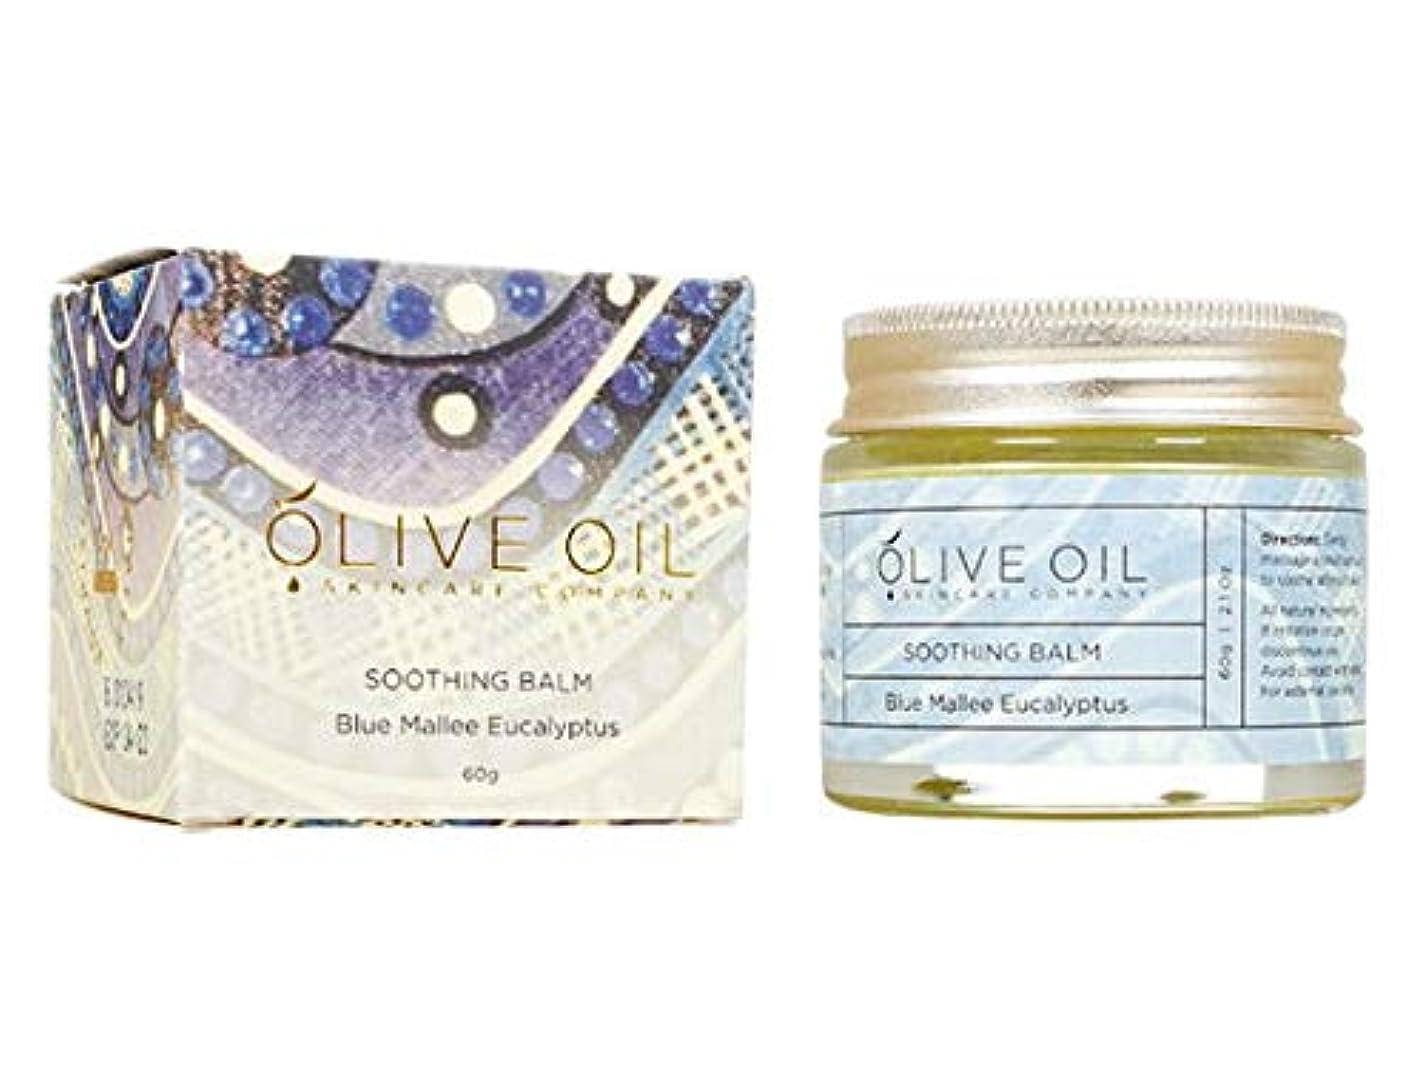 グロー窒息させる整然としたOliveOil スージングバーム?ブルーマリーユーカリ 60g (OliveOil) Soothing Balm (Blue Mallee Eucalyptus) Made in Australia